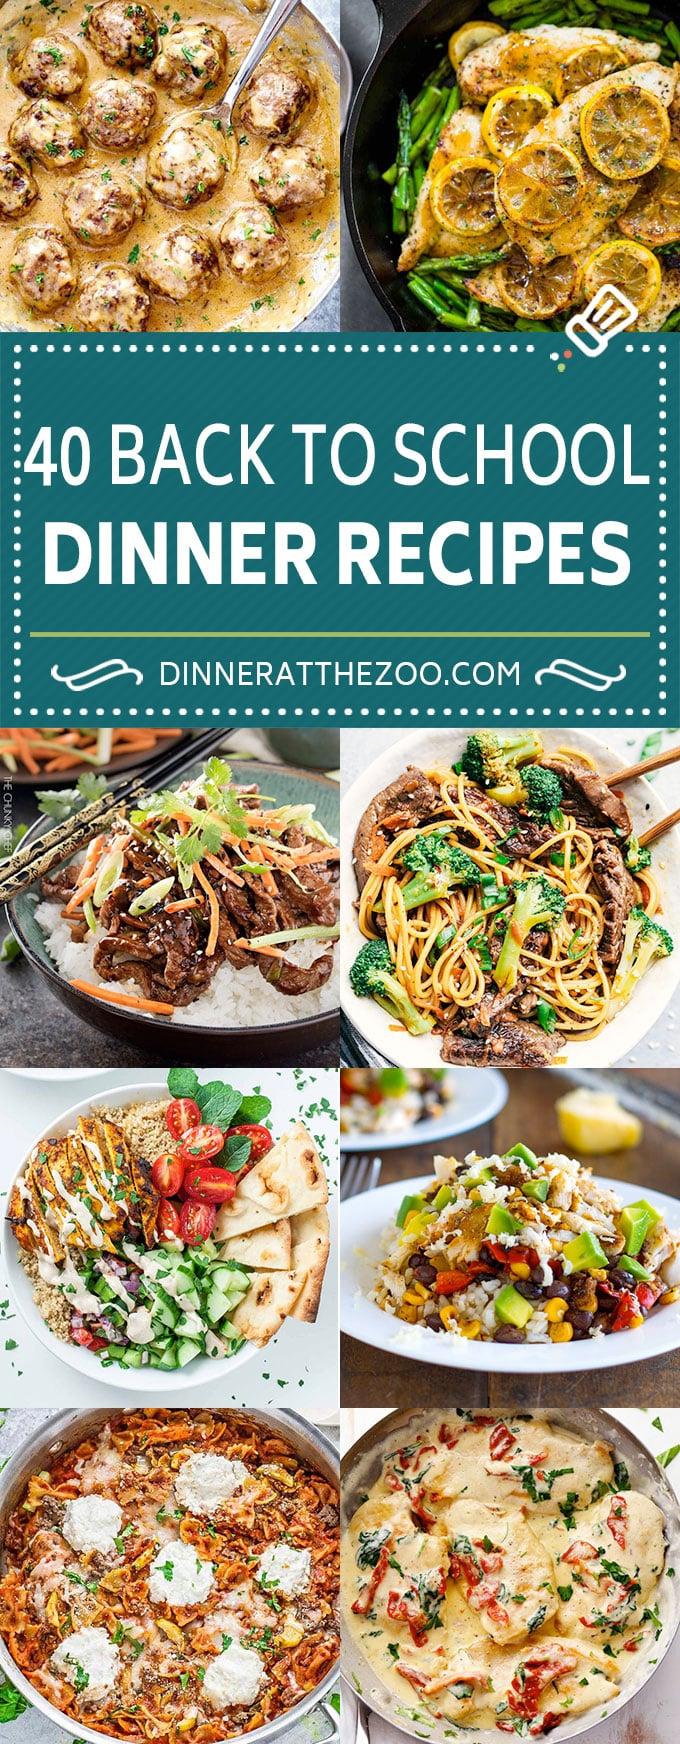 40 Back to School Dinner Recipes | Easy Dinner Recipes | One Pot Meals #pasta #chicken #dinner #backtoschool #dinneratthezoo